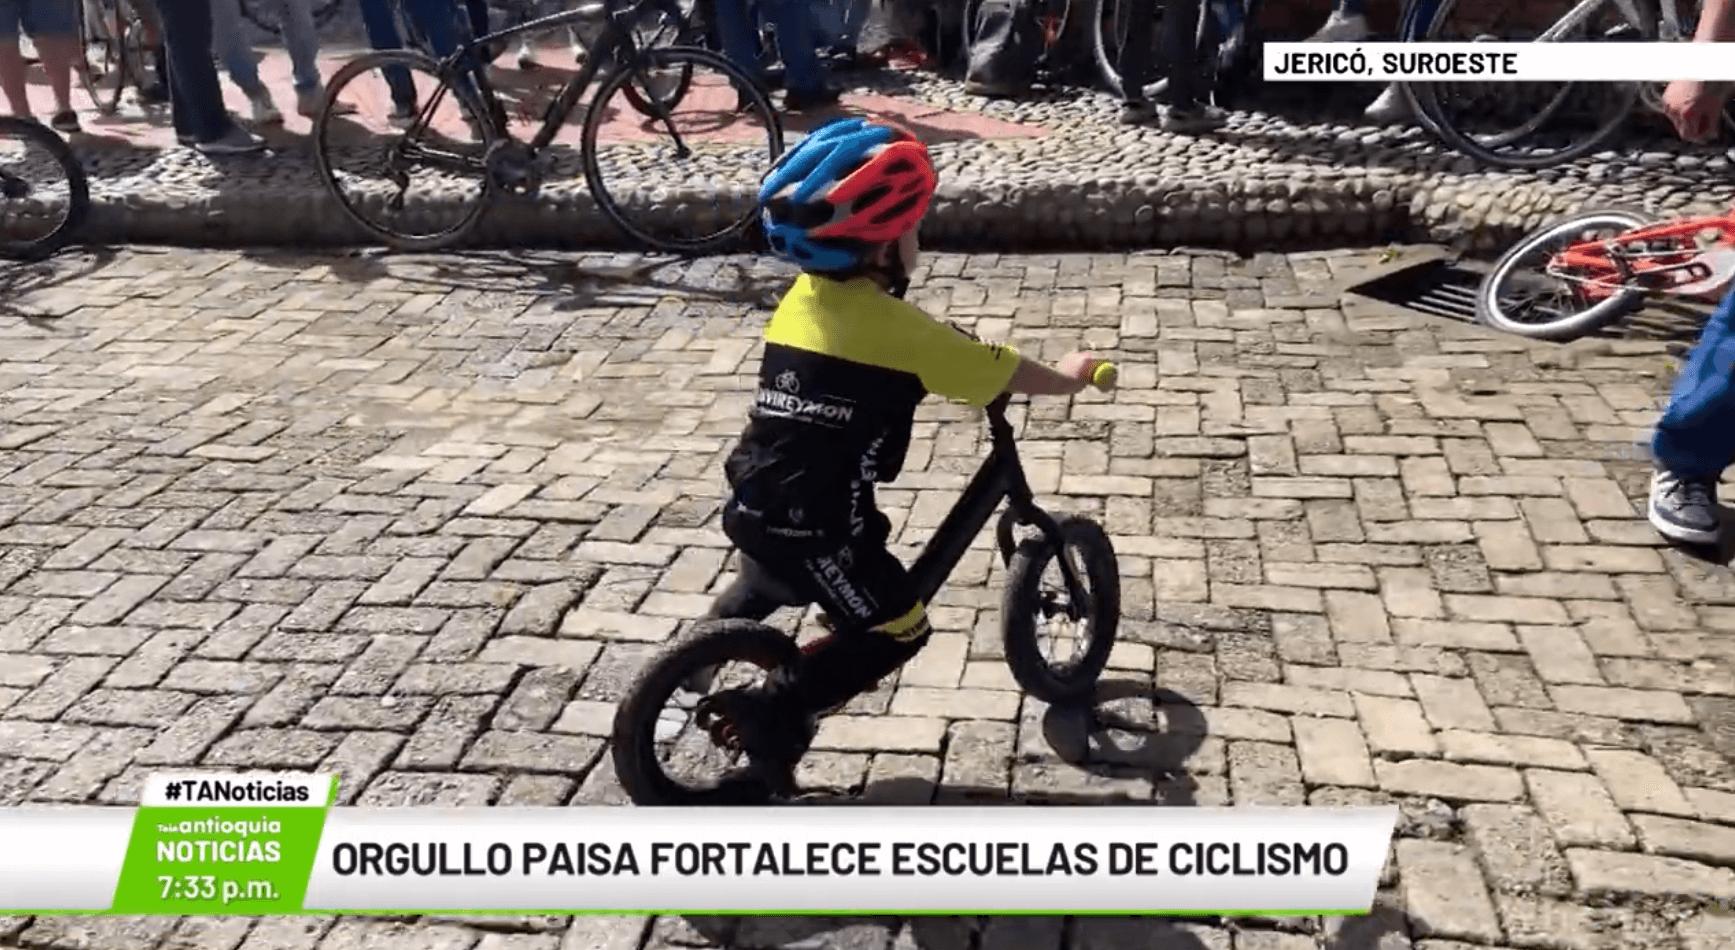 Orgullo paisa fortalece escuelas de ciclismo